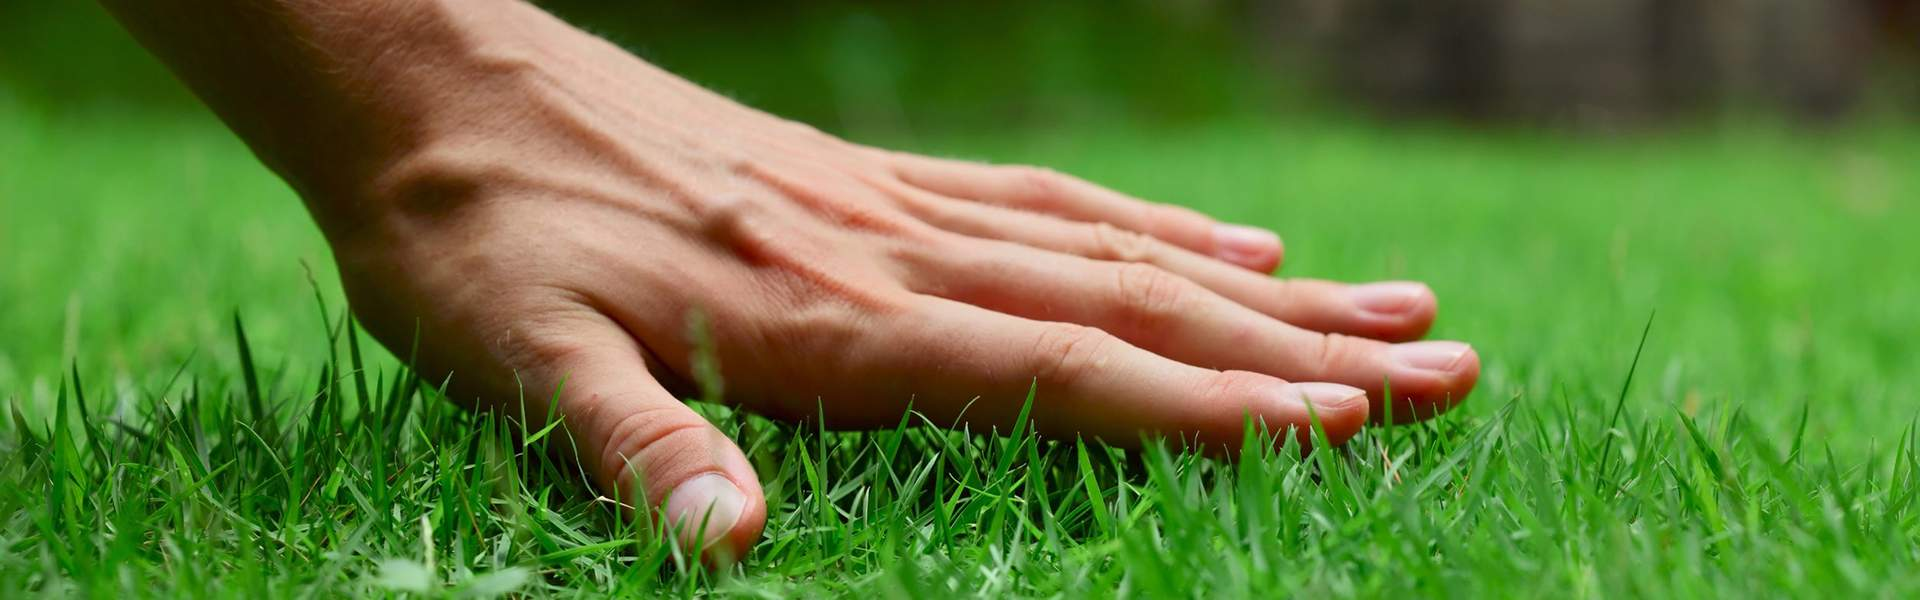 Eine Hand streicht über den Rasen